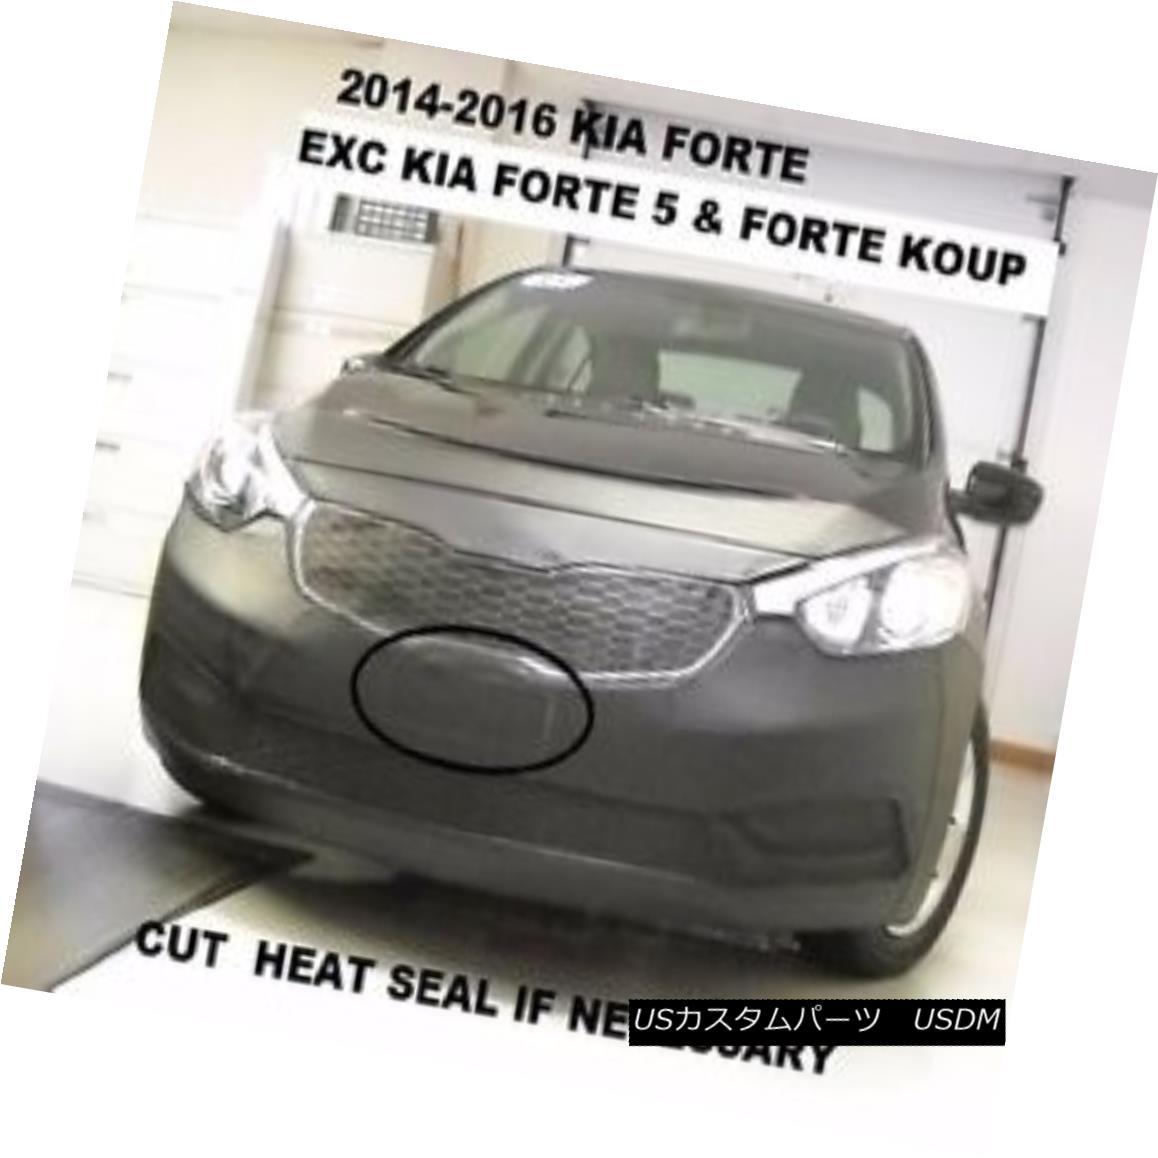 フルブラ ノーズブラ Lebra Front End Mask Cover Bra Fits Kia Forte 2014-2016 Exc. Forte5 & Forte Koup Lebraフロントエンドマスクカバーブラは、Kia Forte 2014-2016に適合します。 Forte5& フォルテクープ